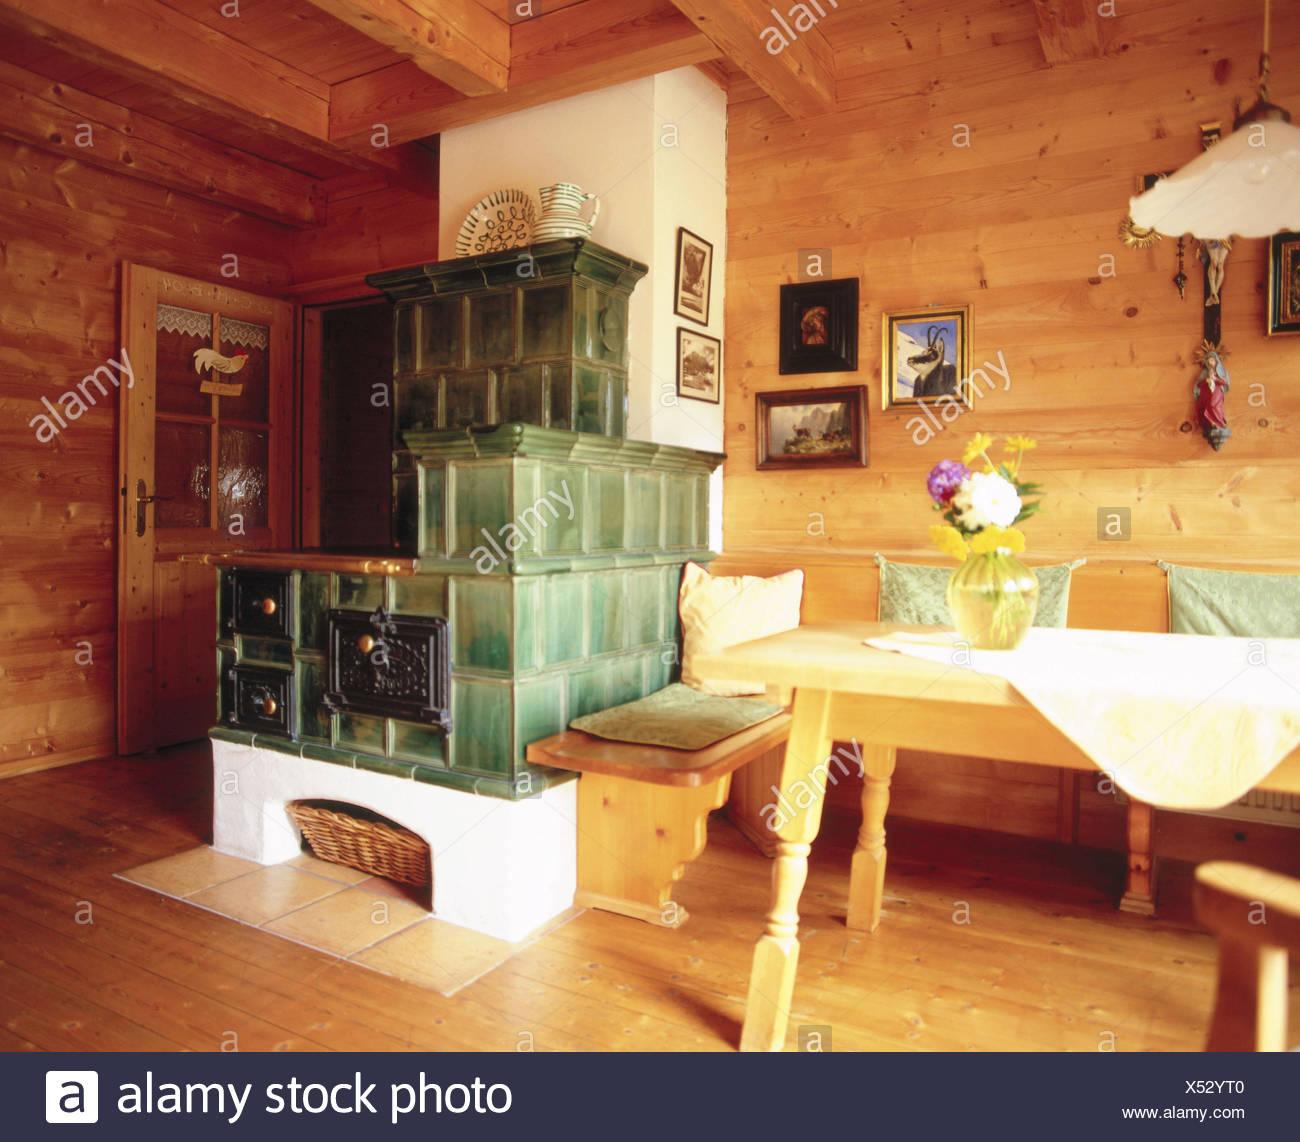 Wohnraum, Kachelofen Zimmer, Bauernstube, Küche, Wohnraum, Essecke ...